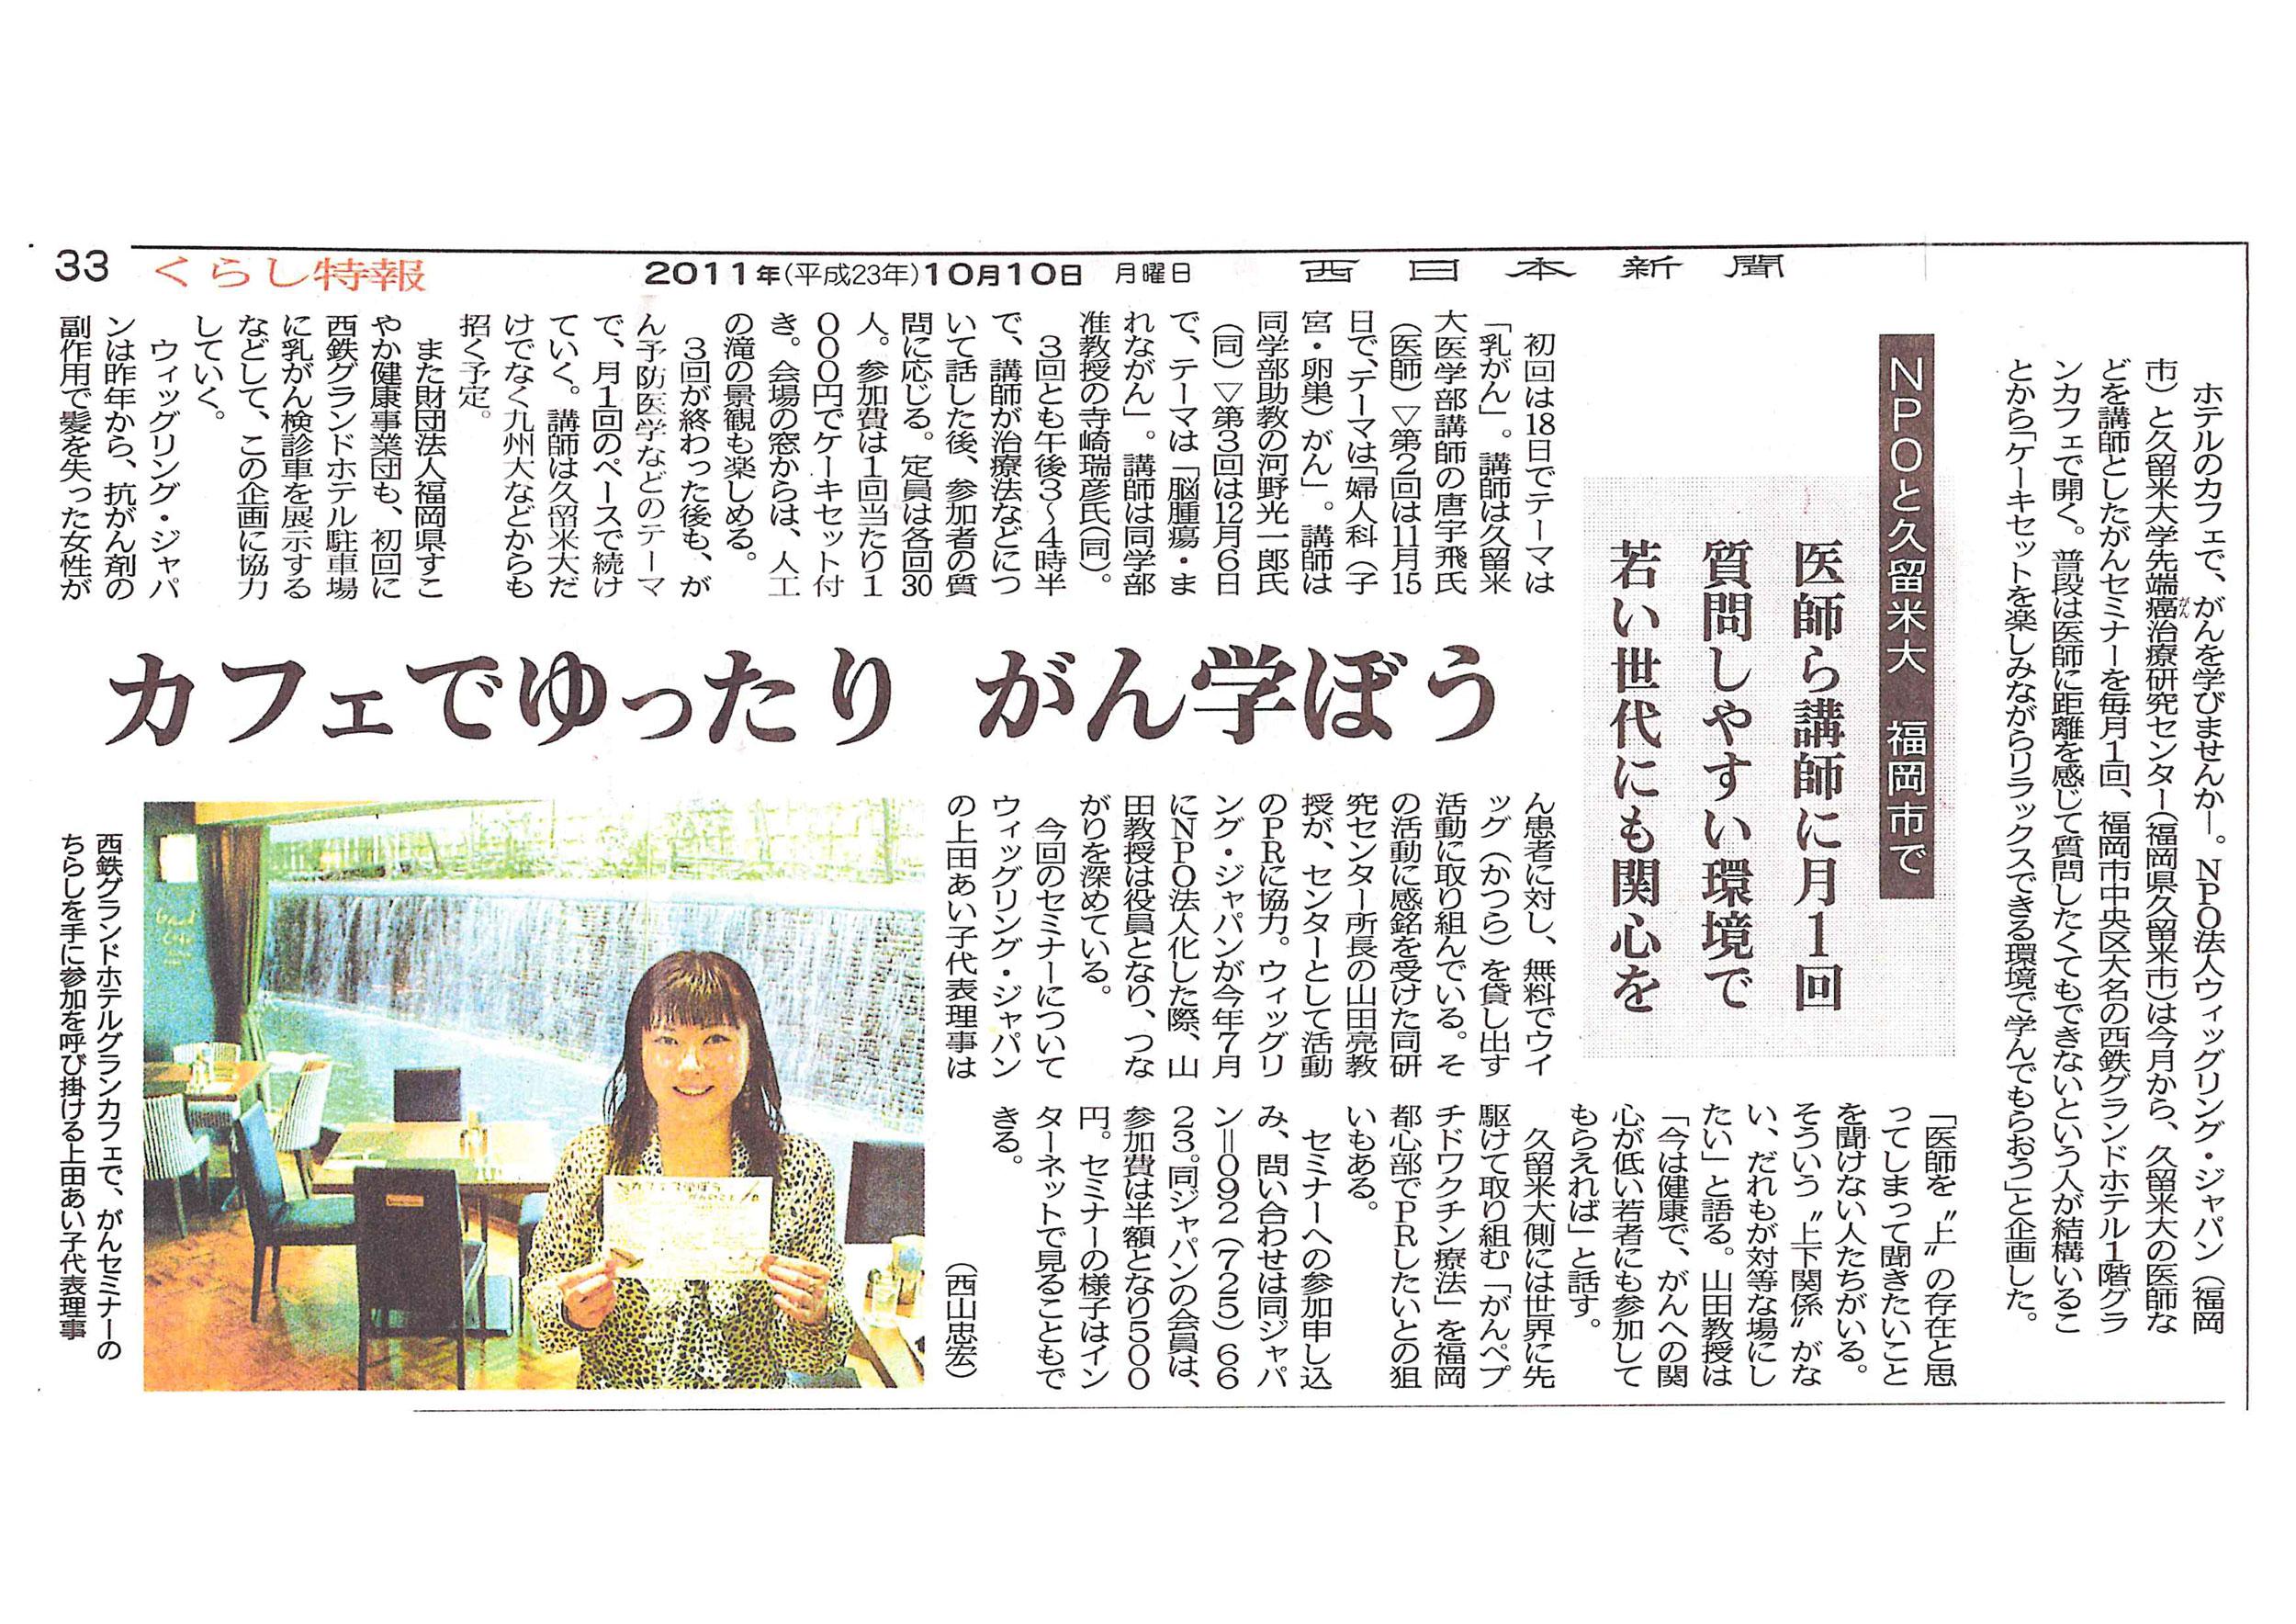 西日本新聞2011年10月10日